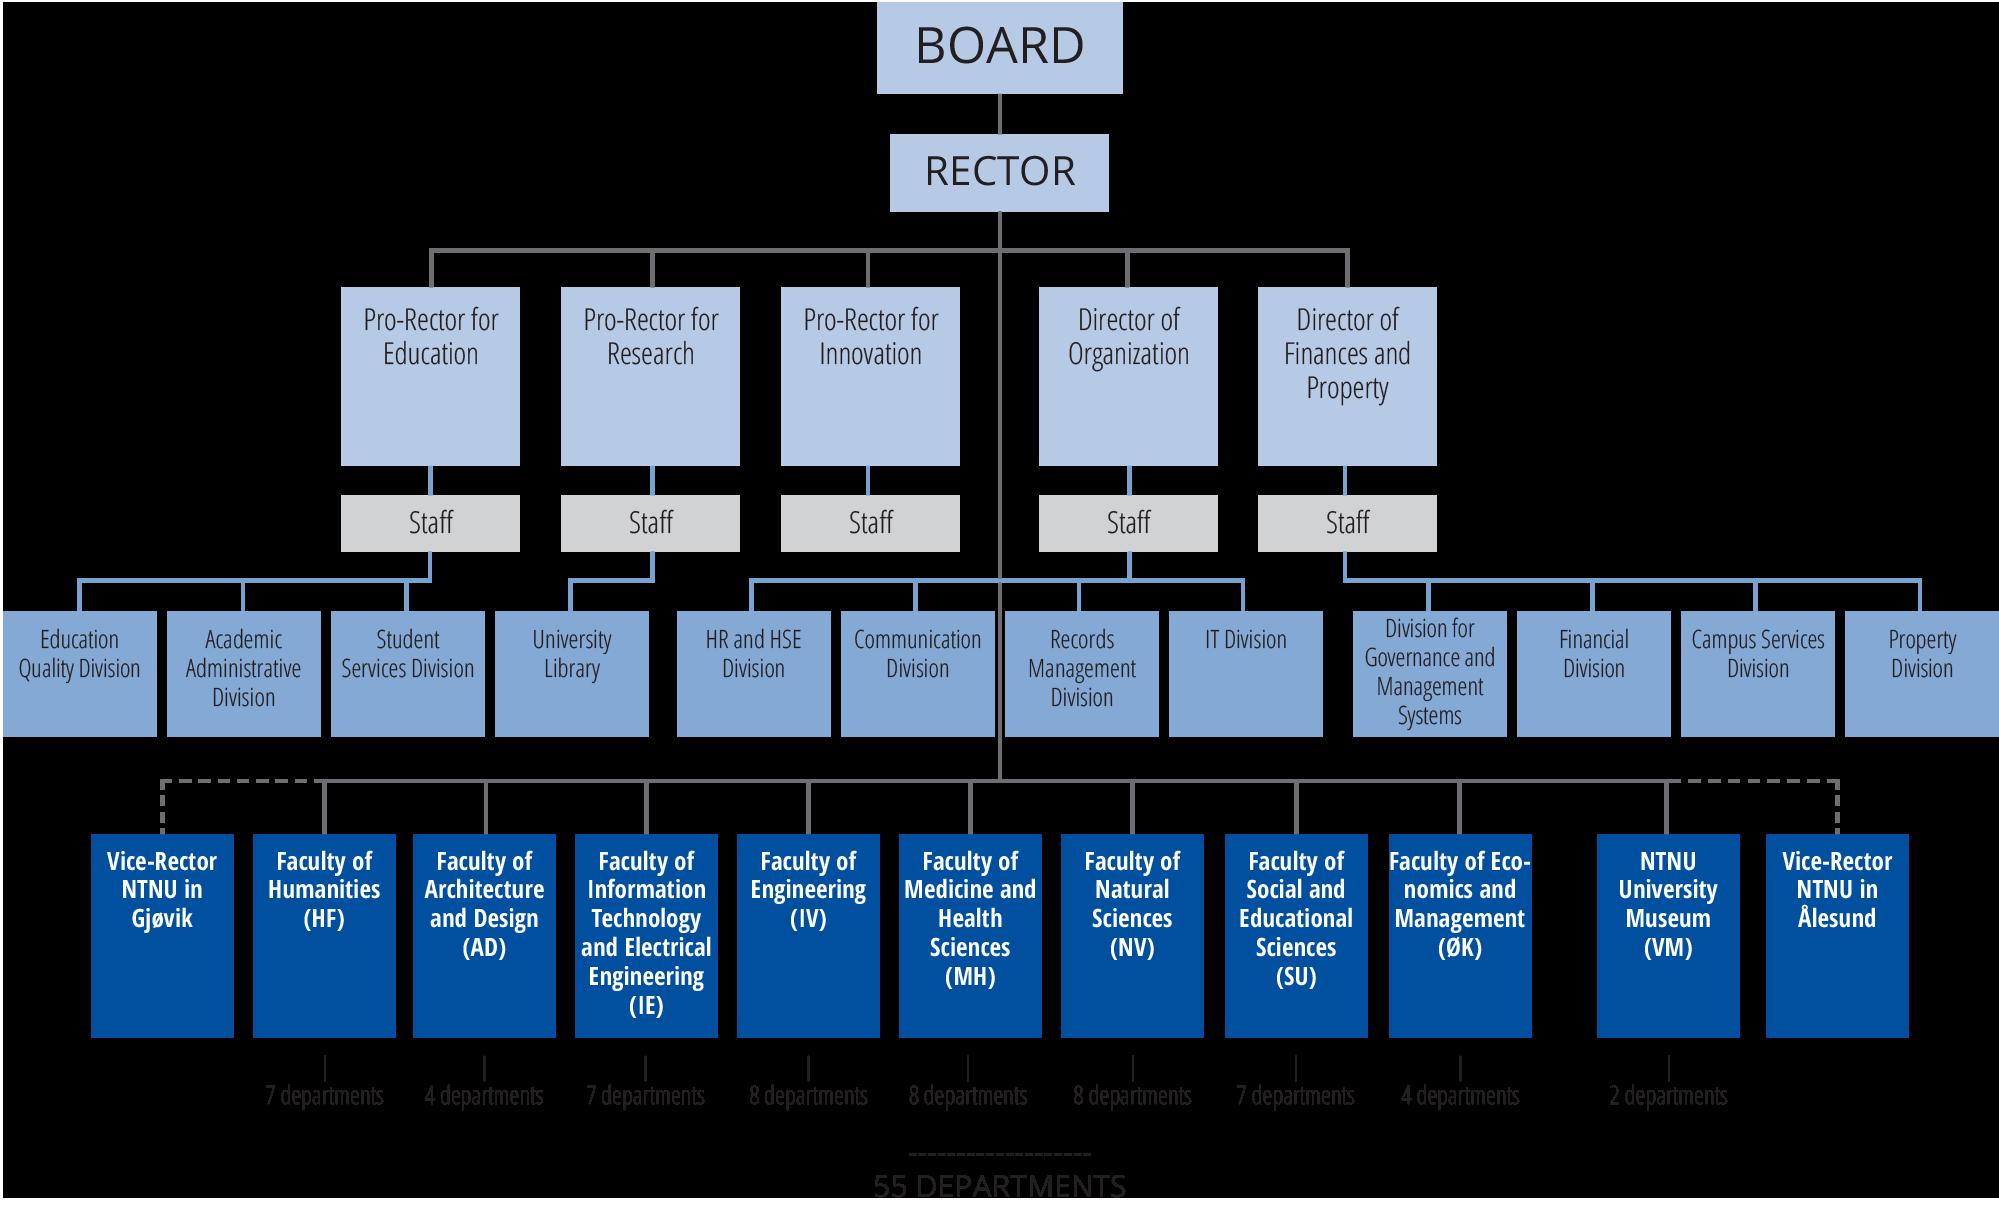 NTNU organizational chart